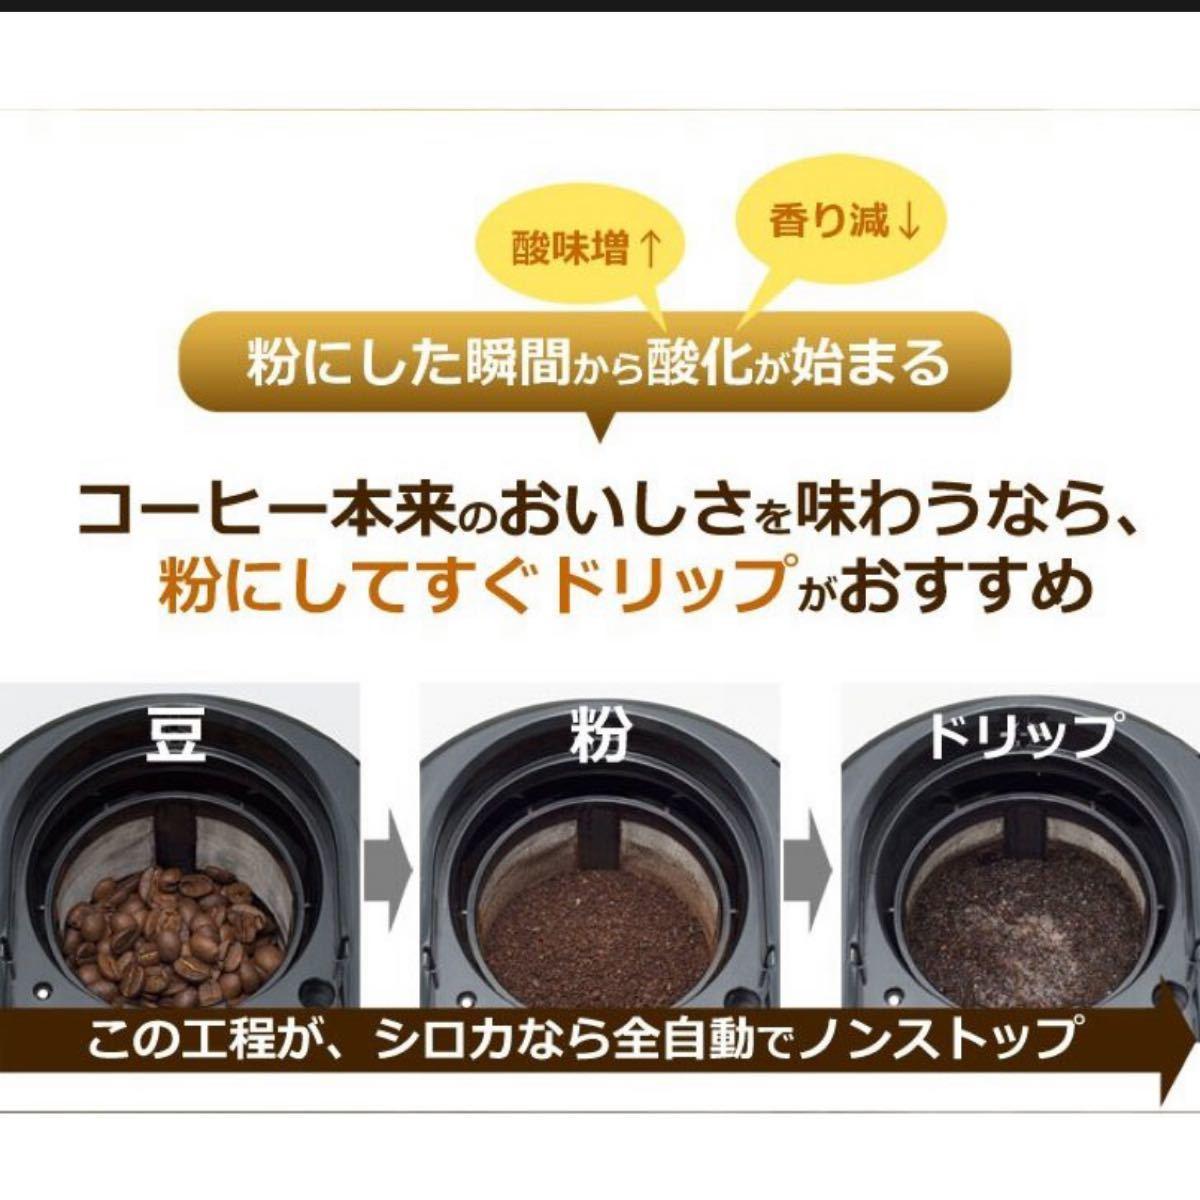 コーヒーメーカー 全自動 siroca シロカ SC-A211 シルバー